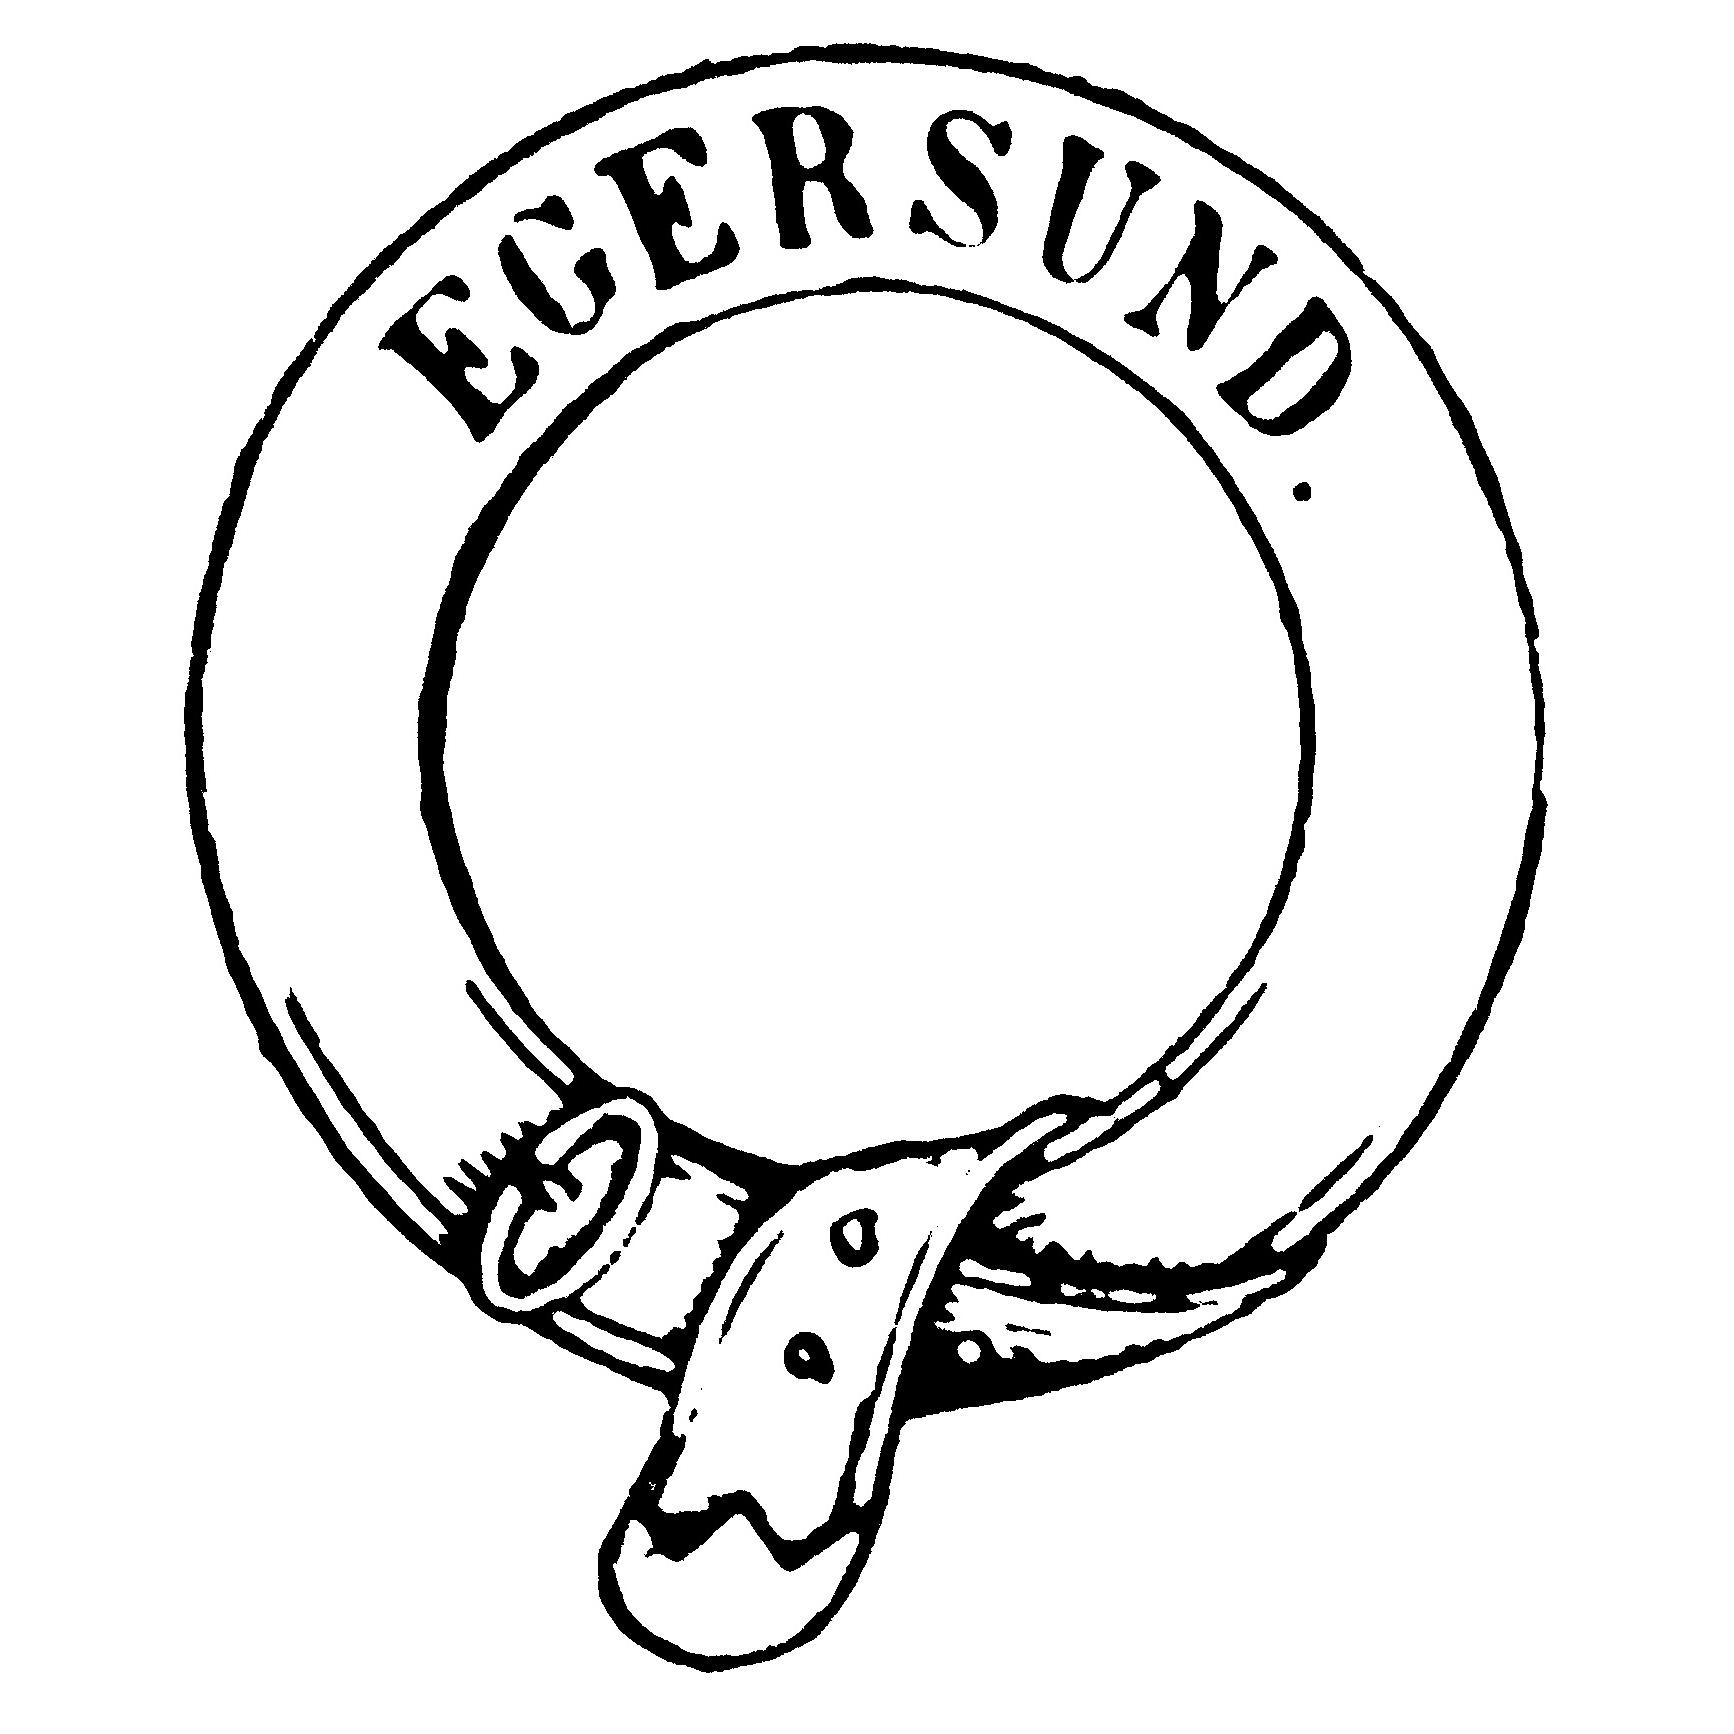 Stempel fra A/S Egersunds Fayancefabriks Co. cirka 1872-1876